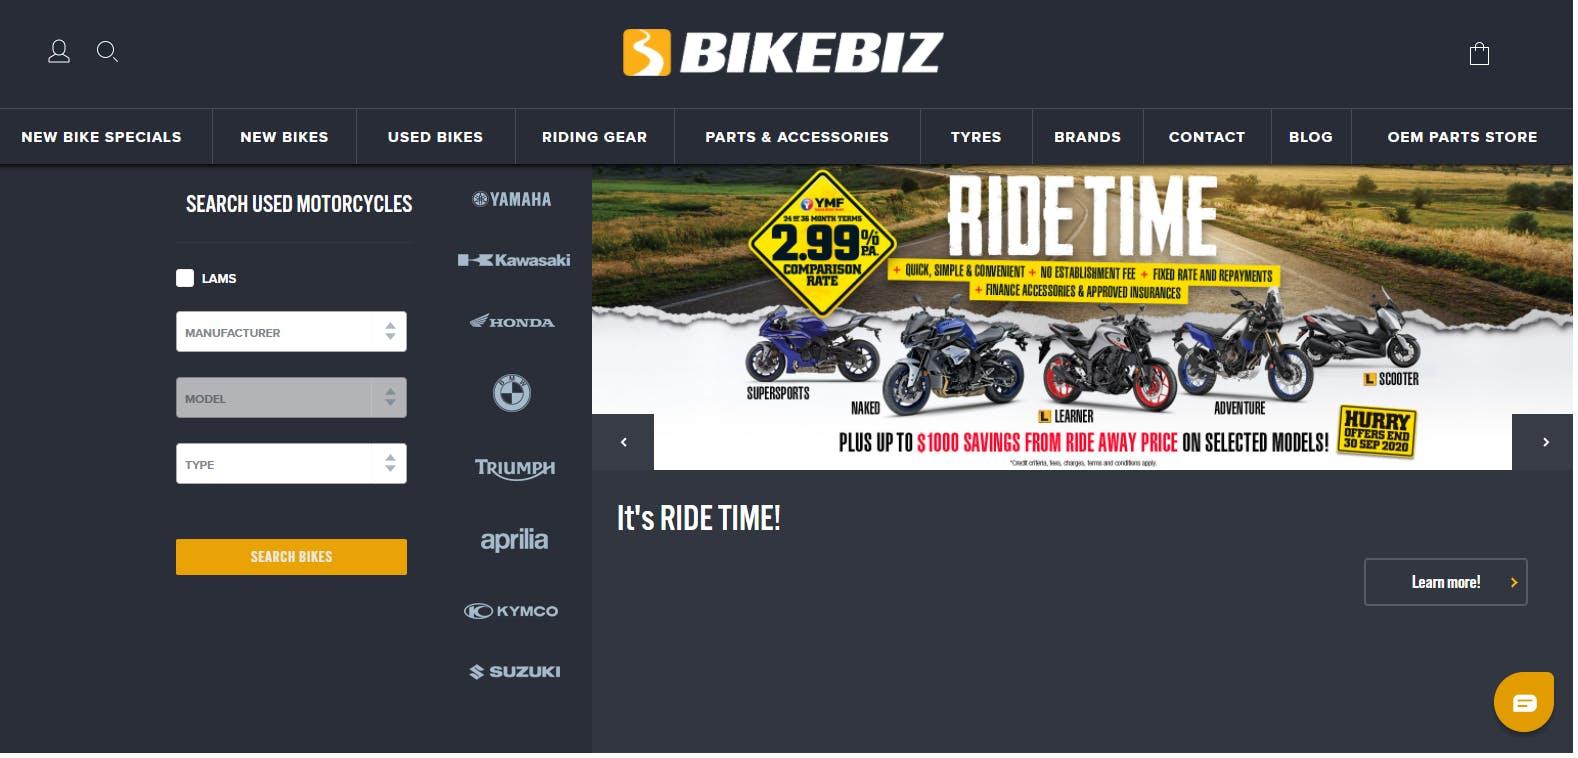 Bikebiz Online store home page